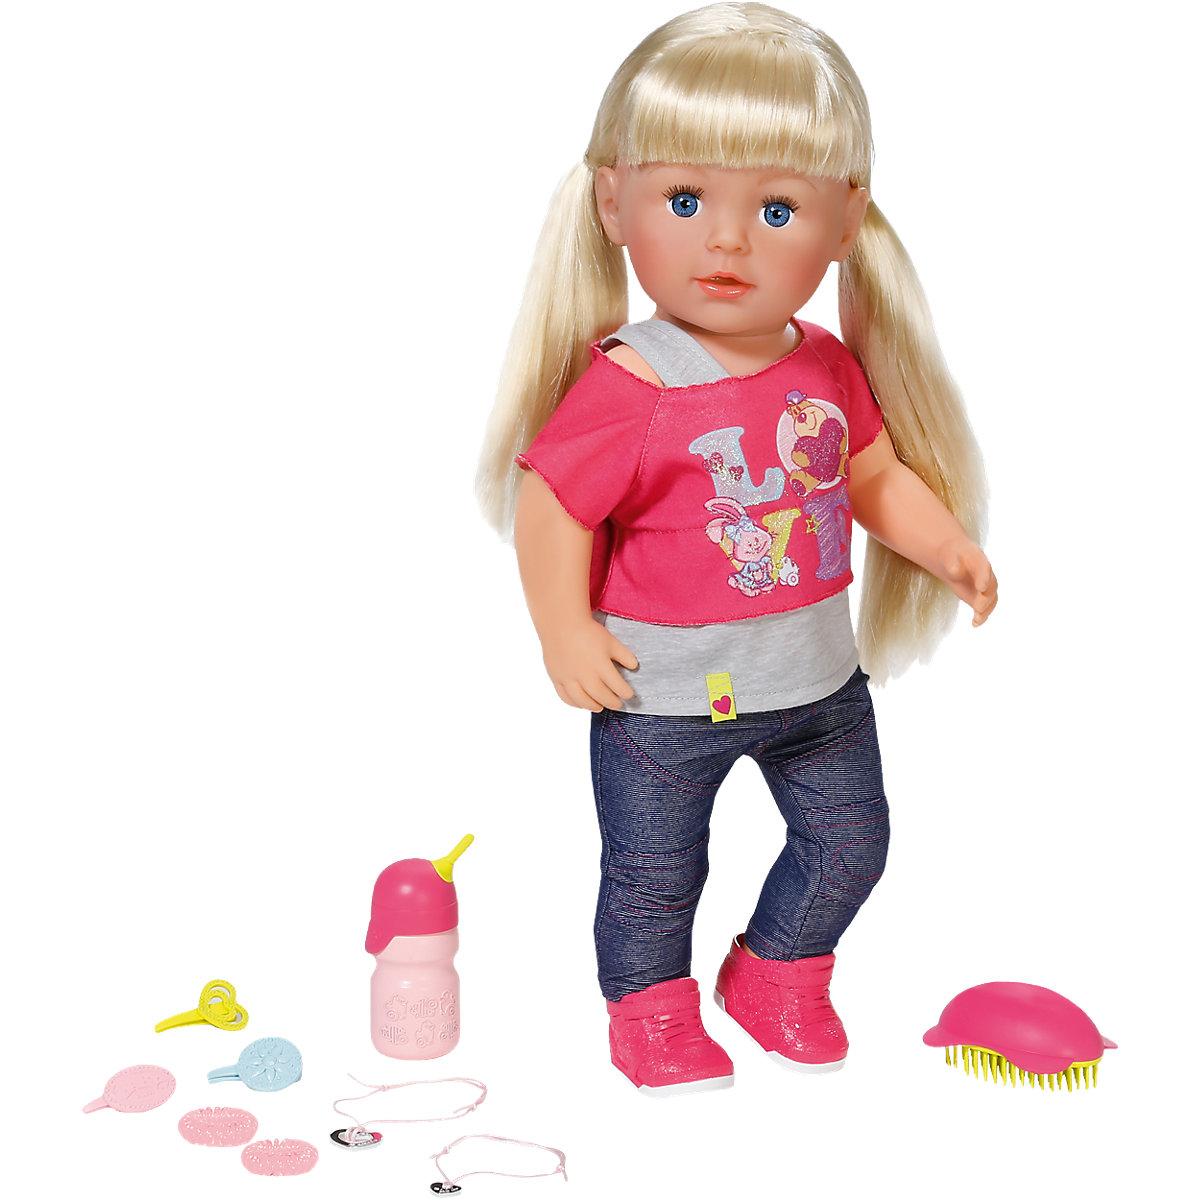 Интерактивная кукла Беби Бон Сестричка, 43 смКуклы-пупсы Baby Born<br>Интерактивная кукла Беби Бон Сестричка, 43 см<br>